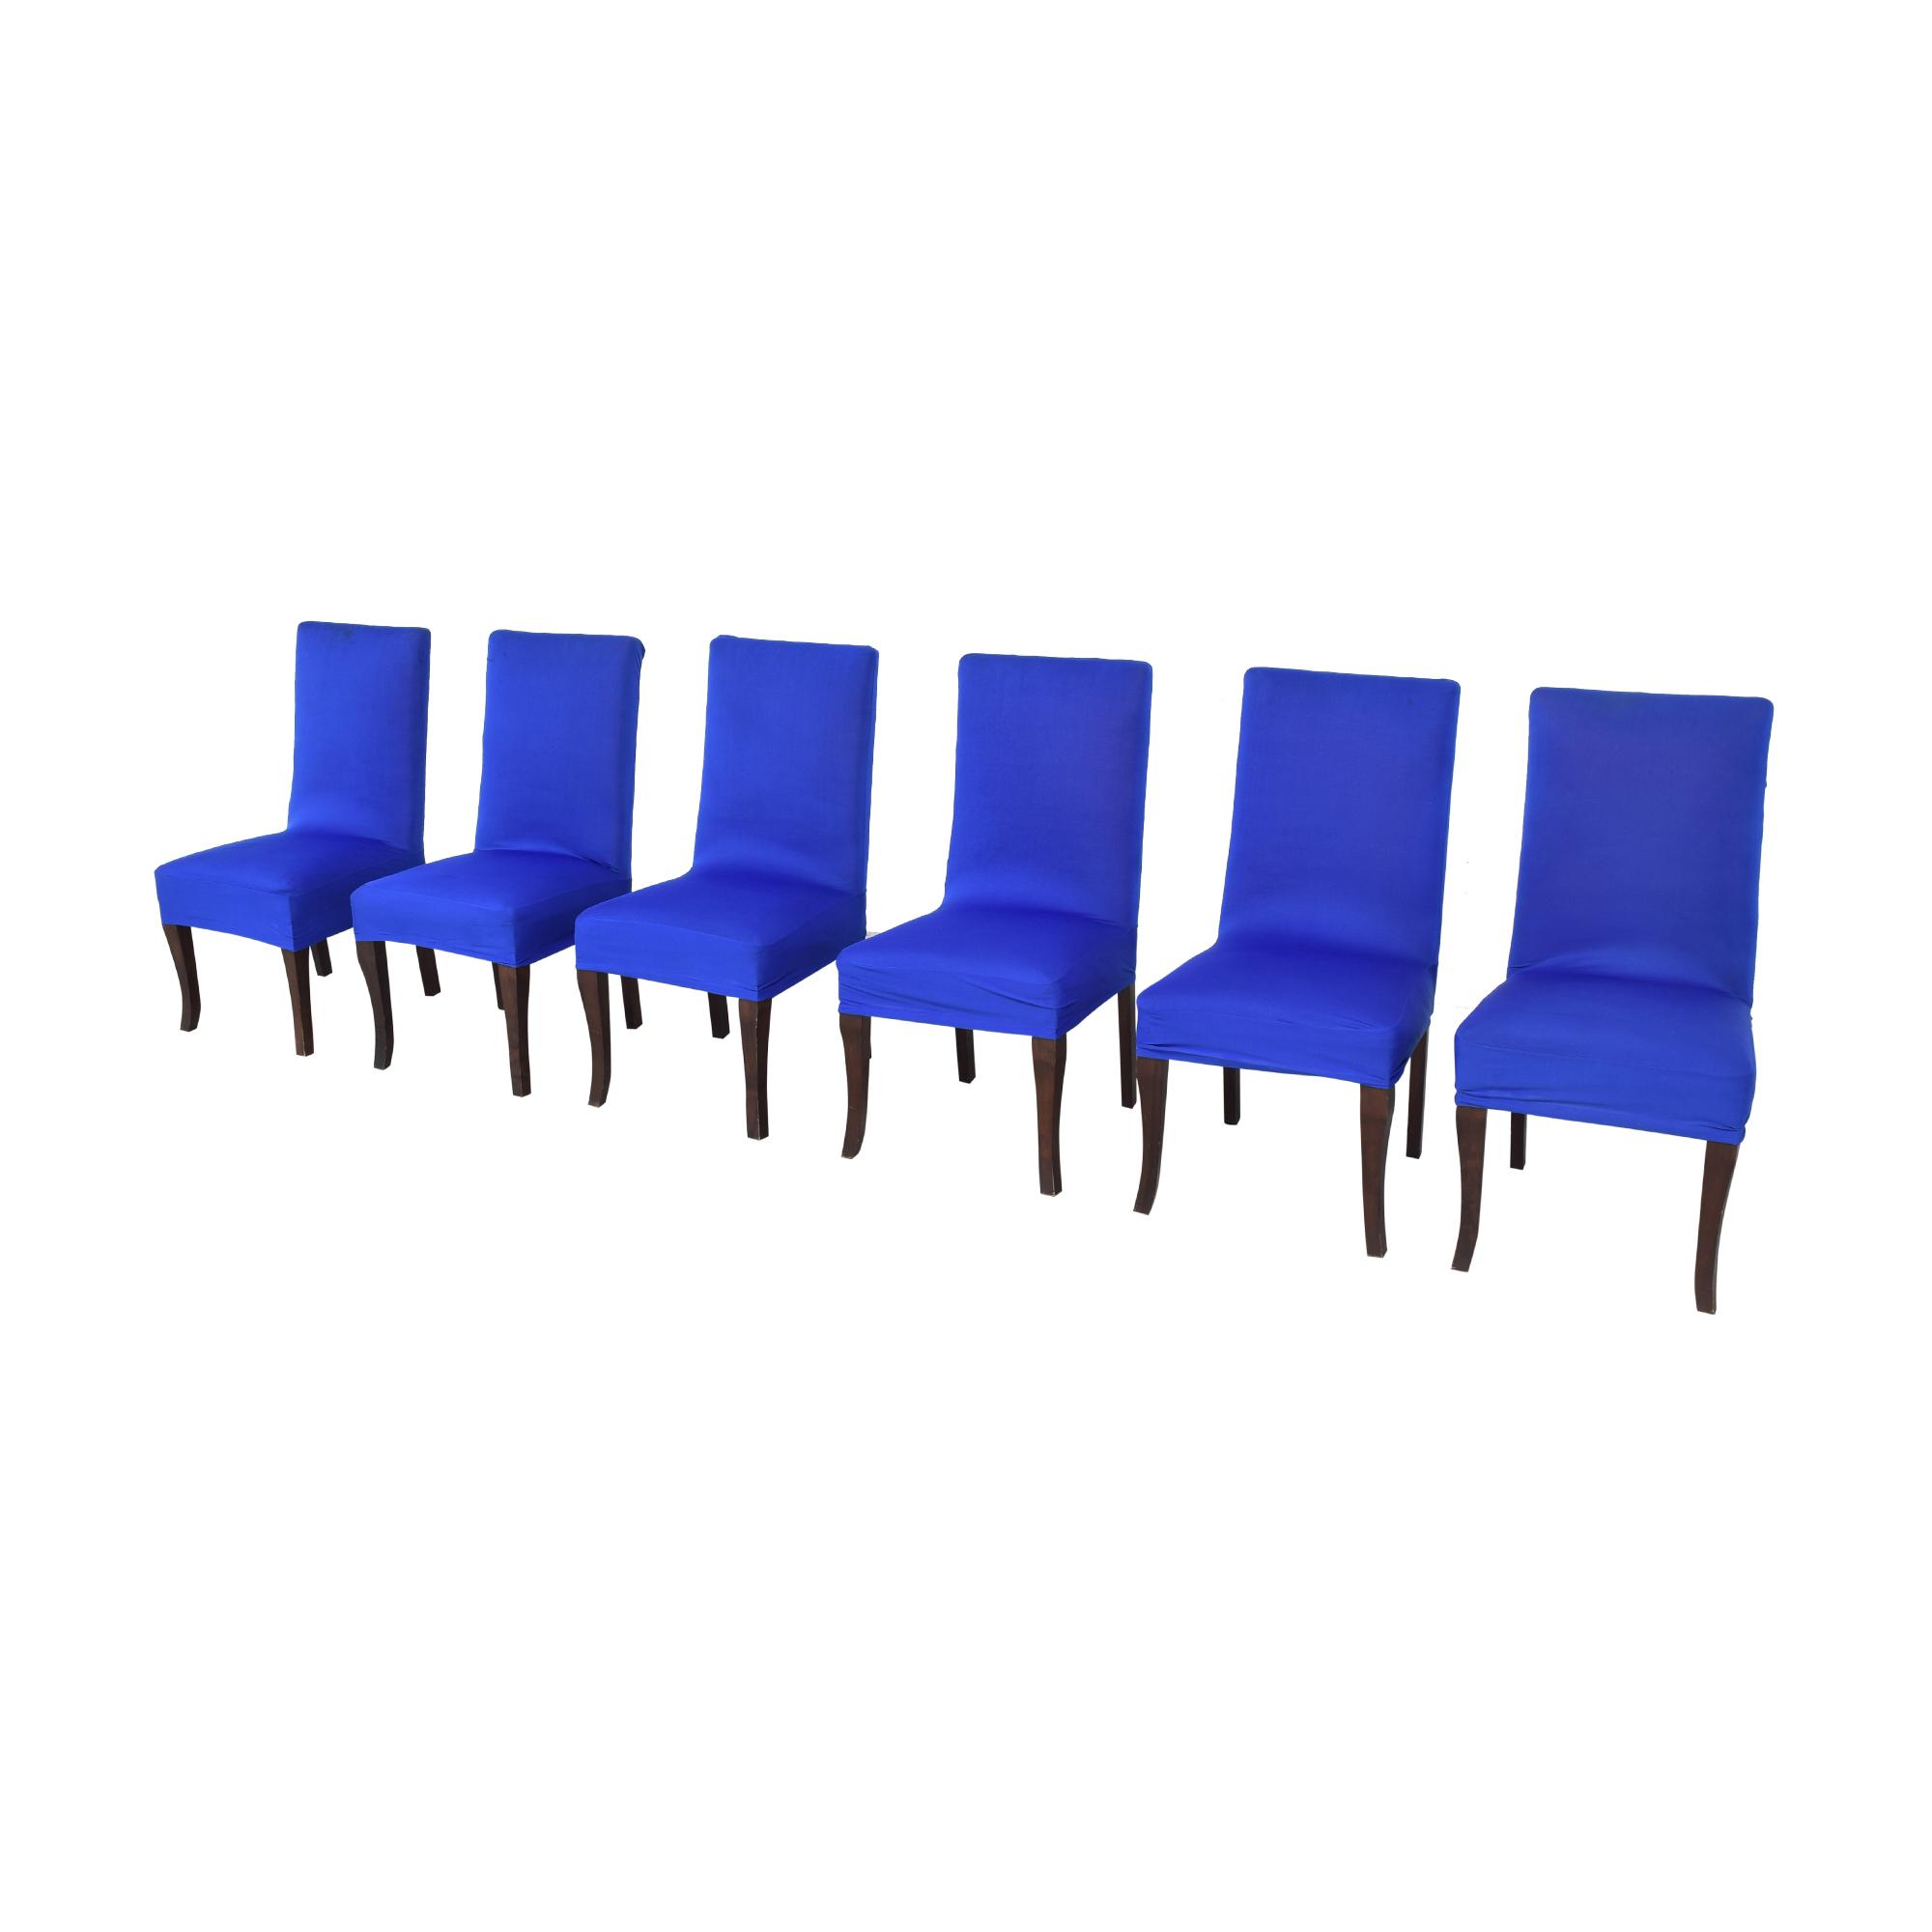 Ballard Designs Ballard Designs Upholstered Couture Chairs